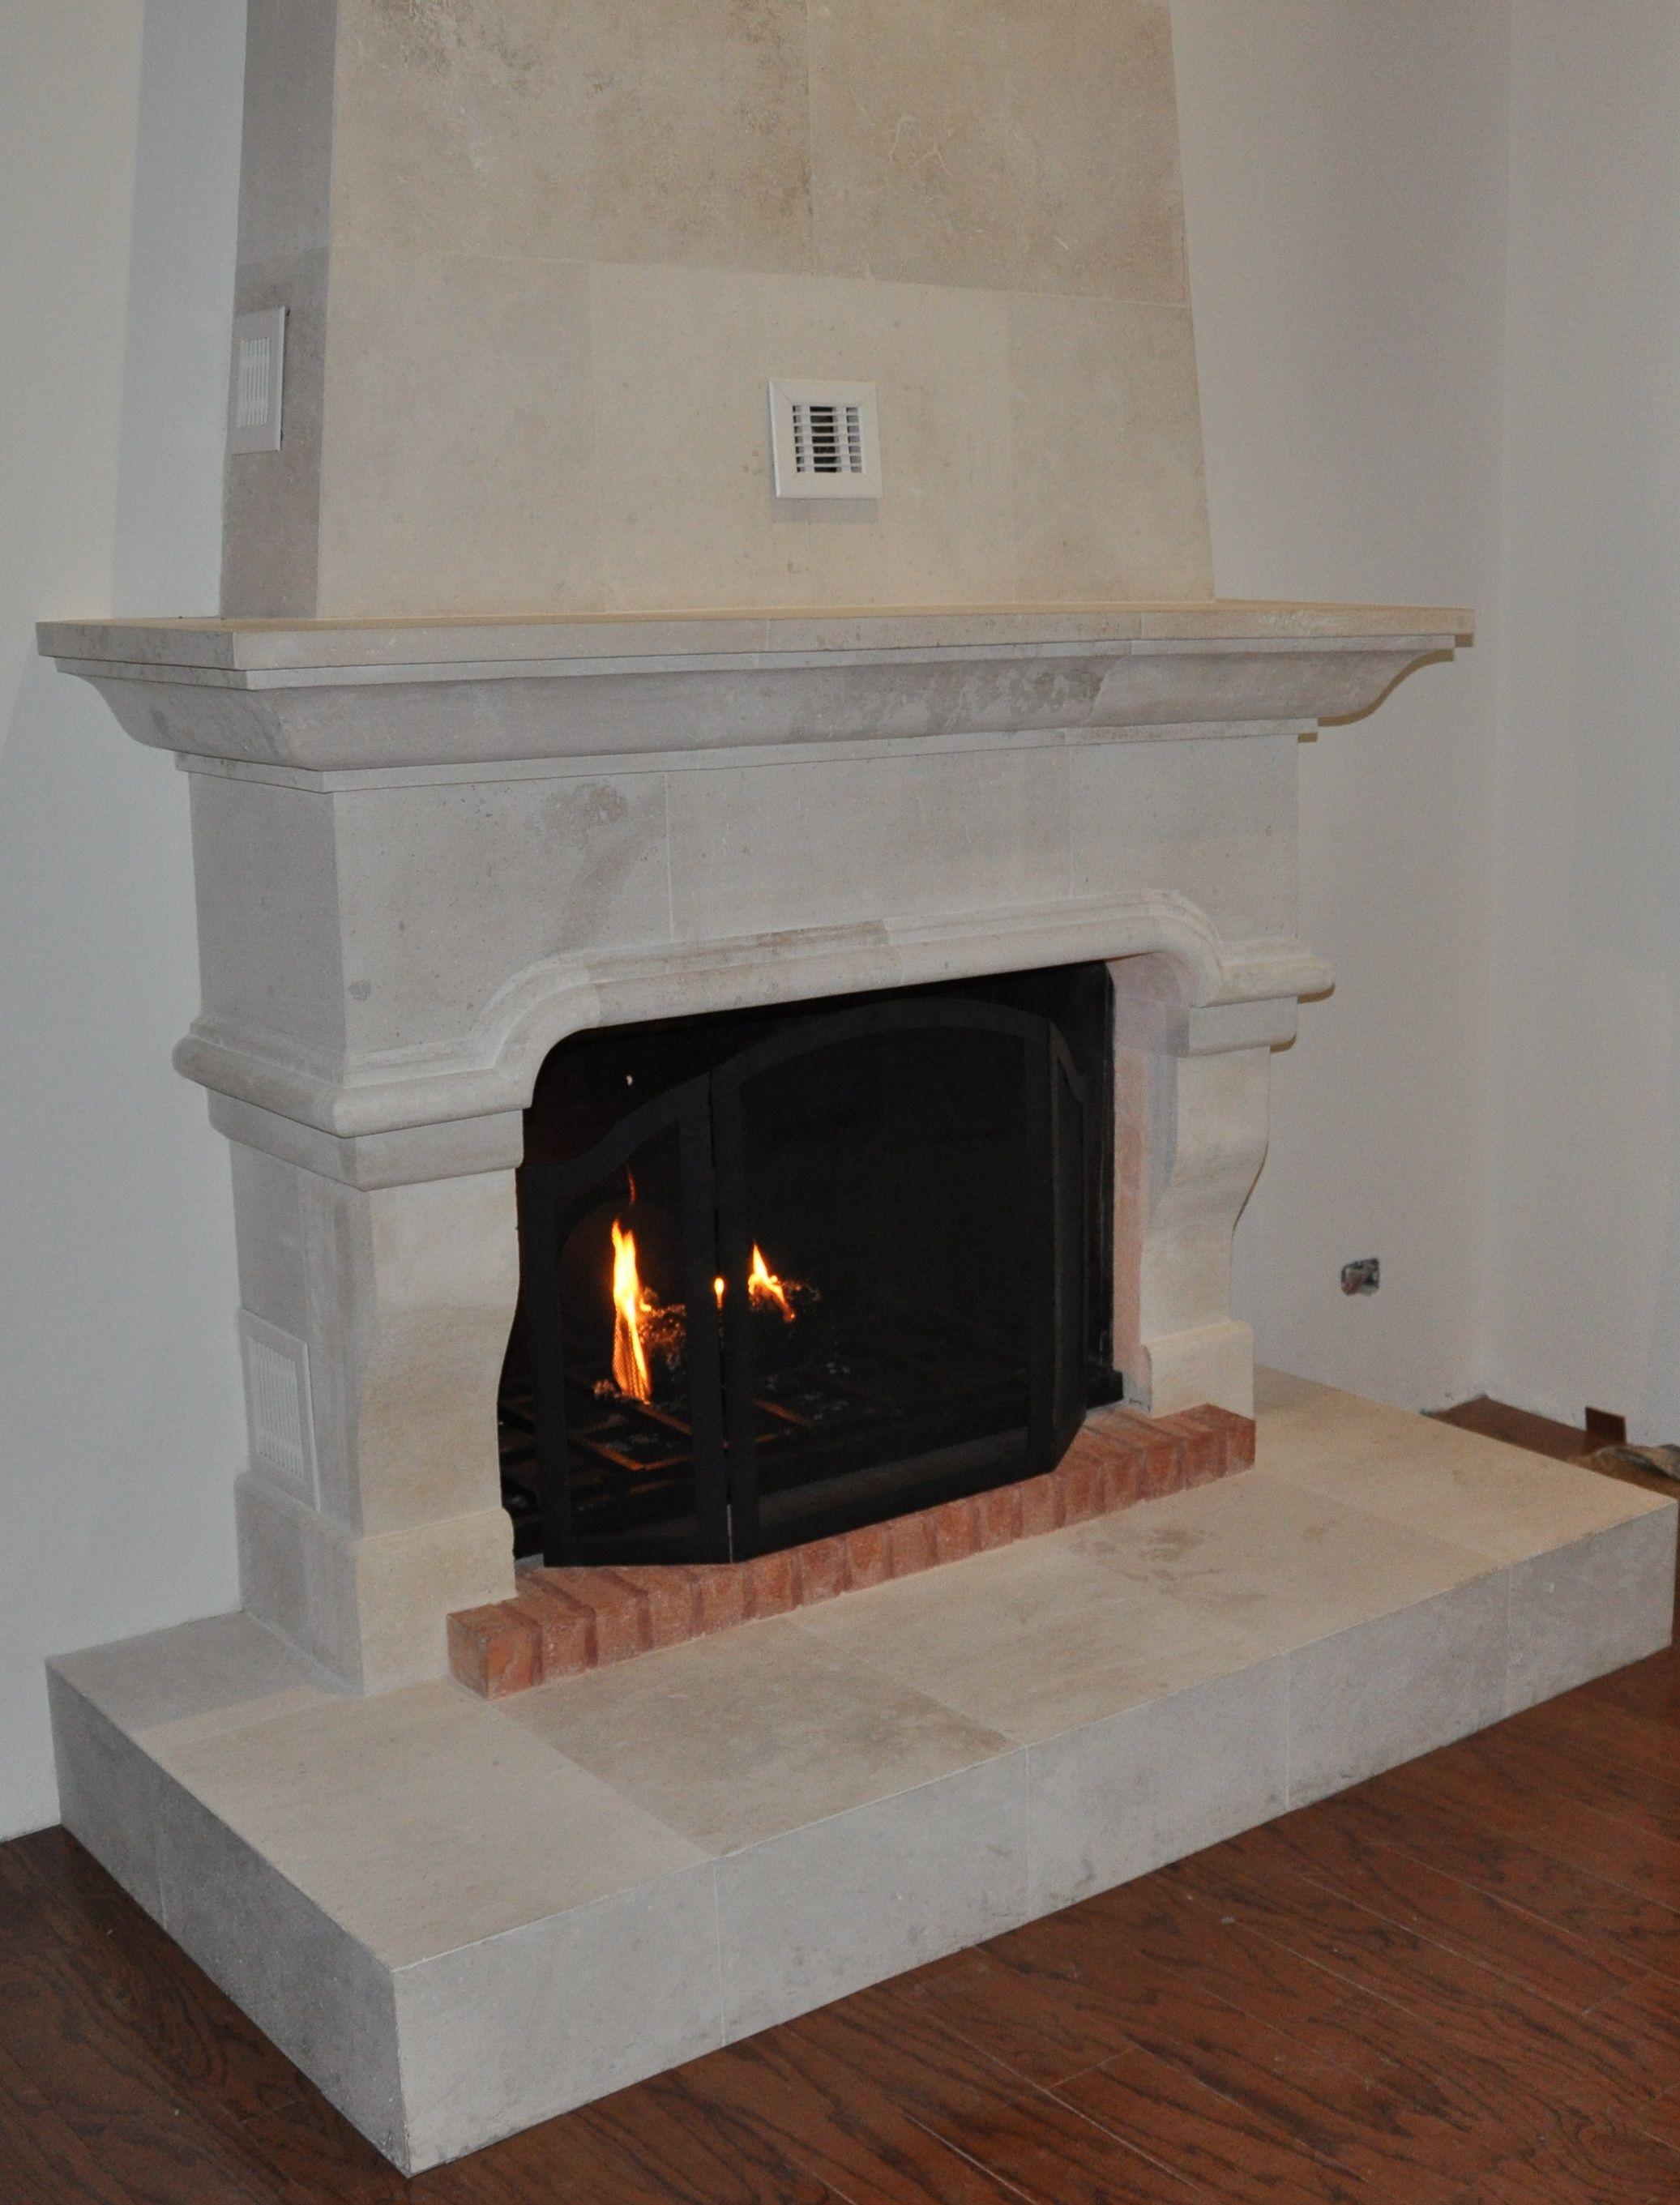 Fancy Fireplace Fancy Fireplace Chimenea Recubierta En Cantera Chimeneas Que Me